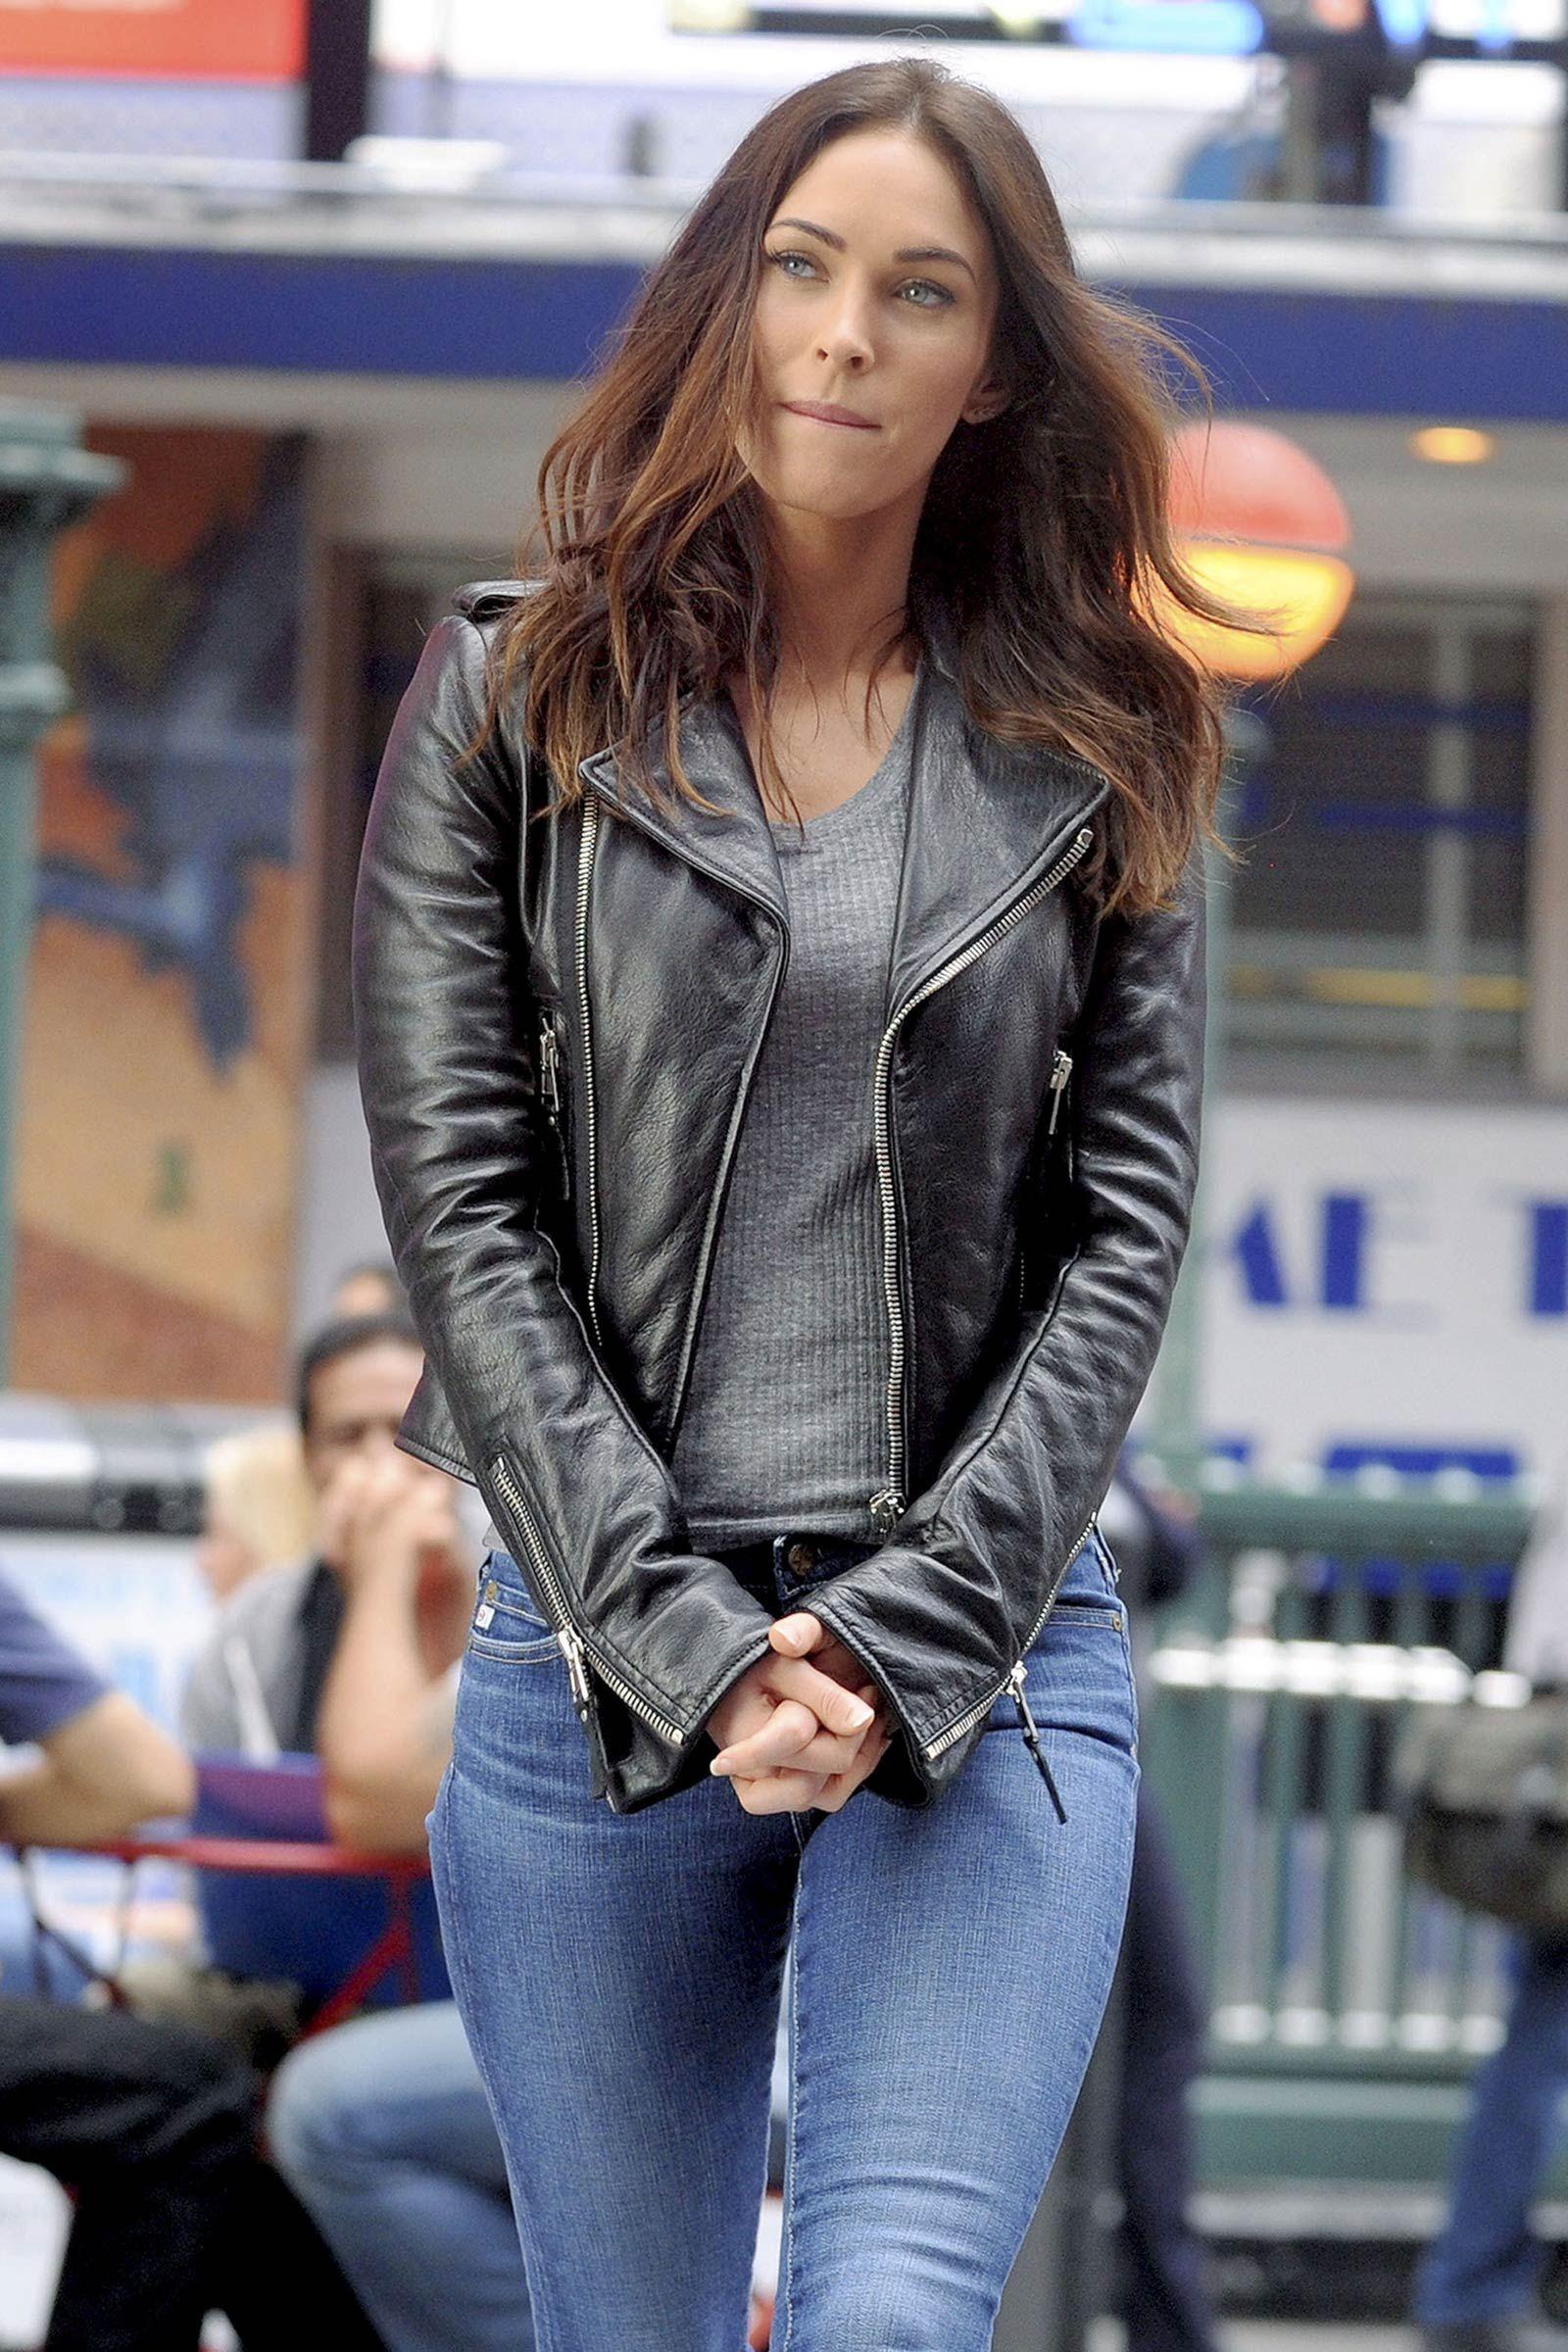 Megan Fox On The Set Of Teenage Mutant Ninja Turtles 2 Meganfox